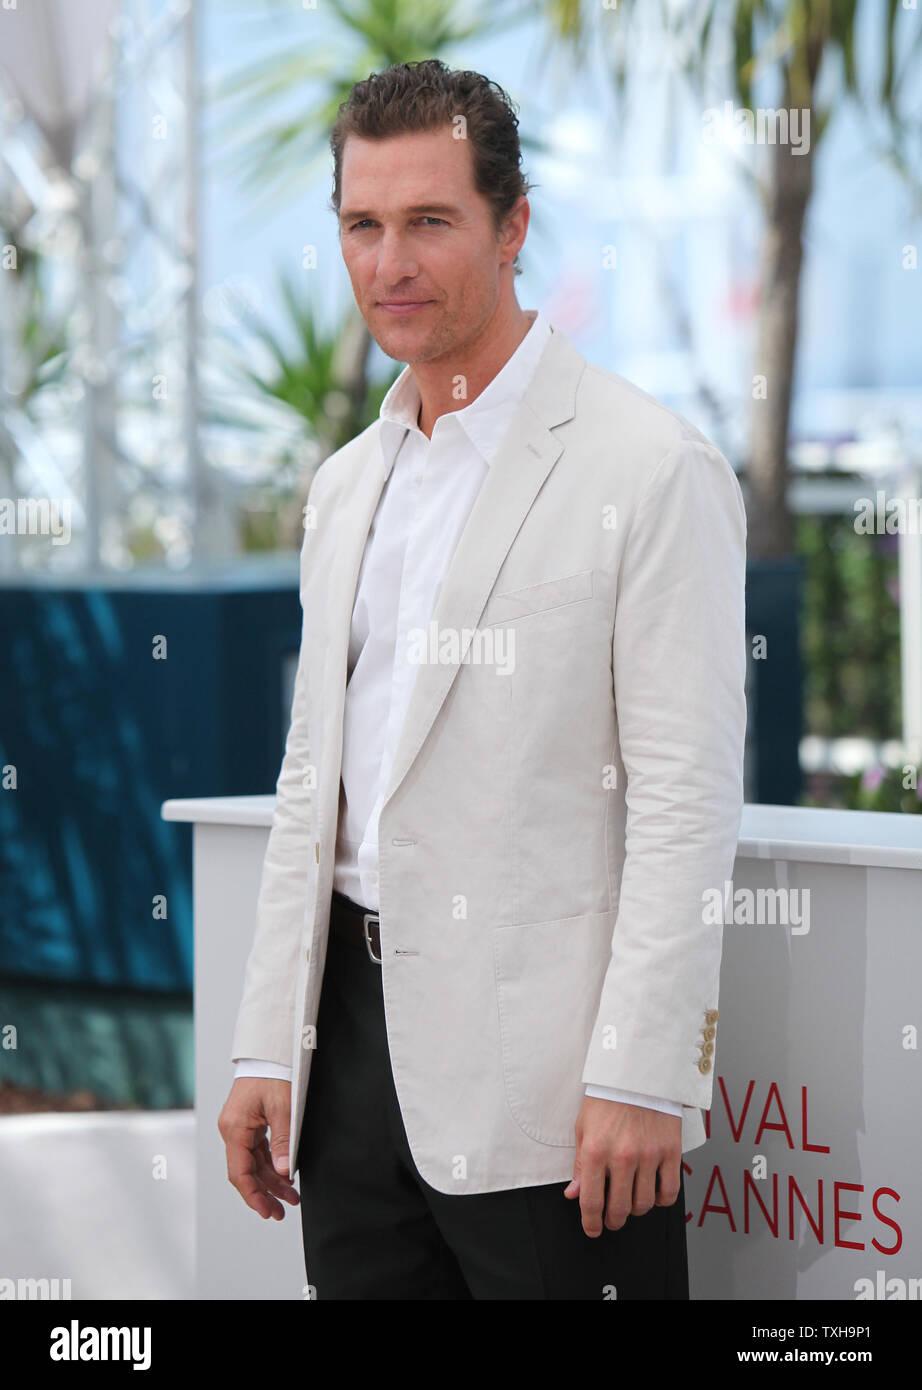 Matthew McConaughey ist an einem Fotoshooting für den Film 'Mud' während die 65. jährliche Internationale Filmfestspiele von Cannes in Cannes, Frankreich am 26. Mai 2012. UPI/David Silpa Stockfoto